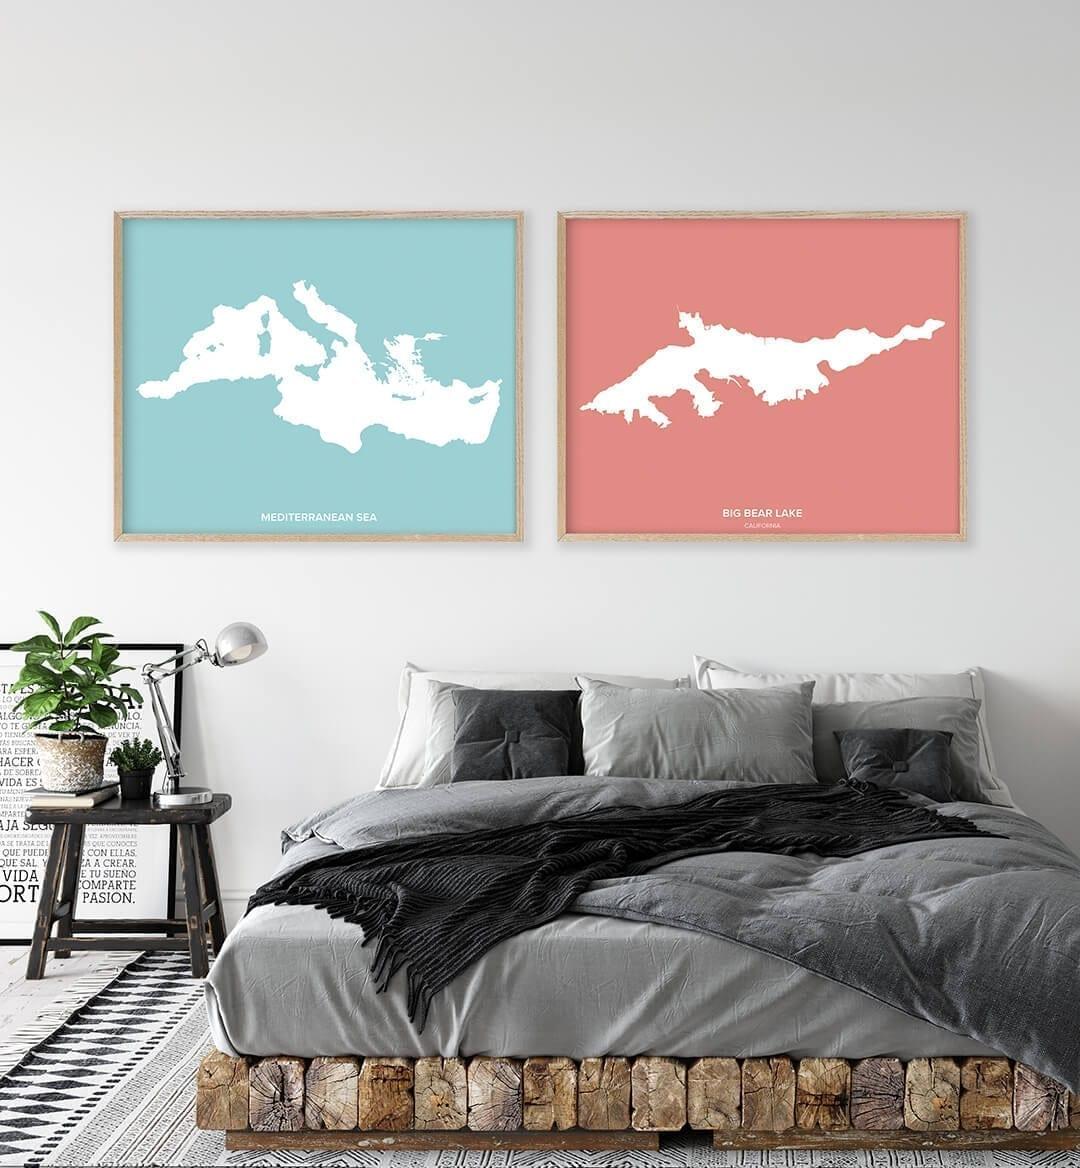 Big Bear Lake Custom Art Wall Poster